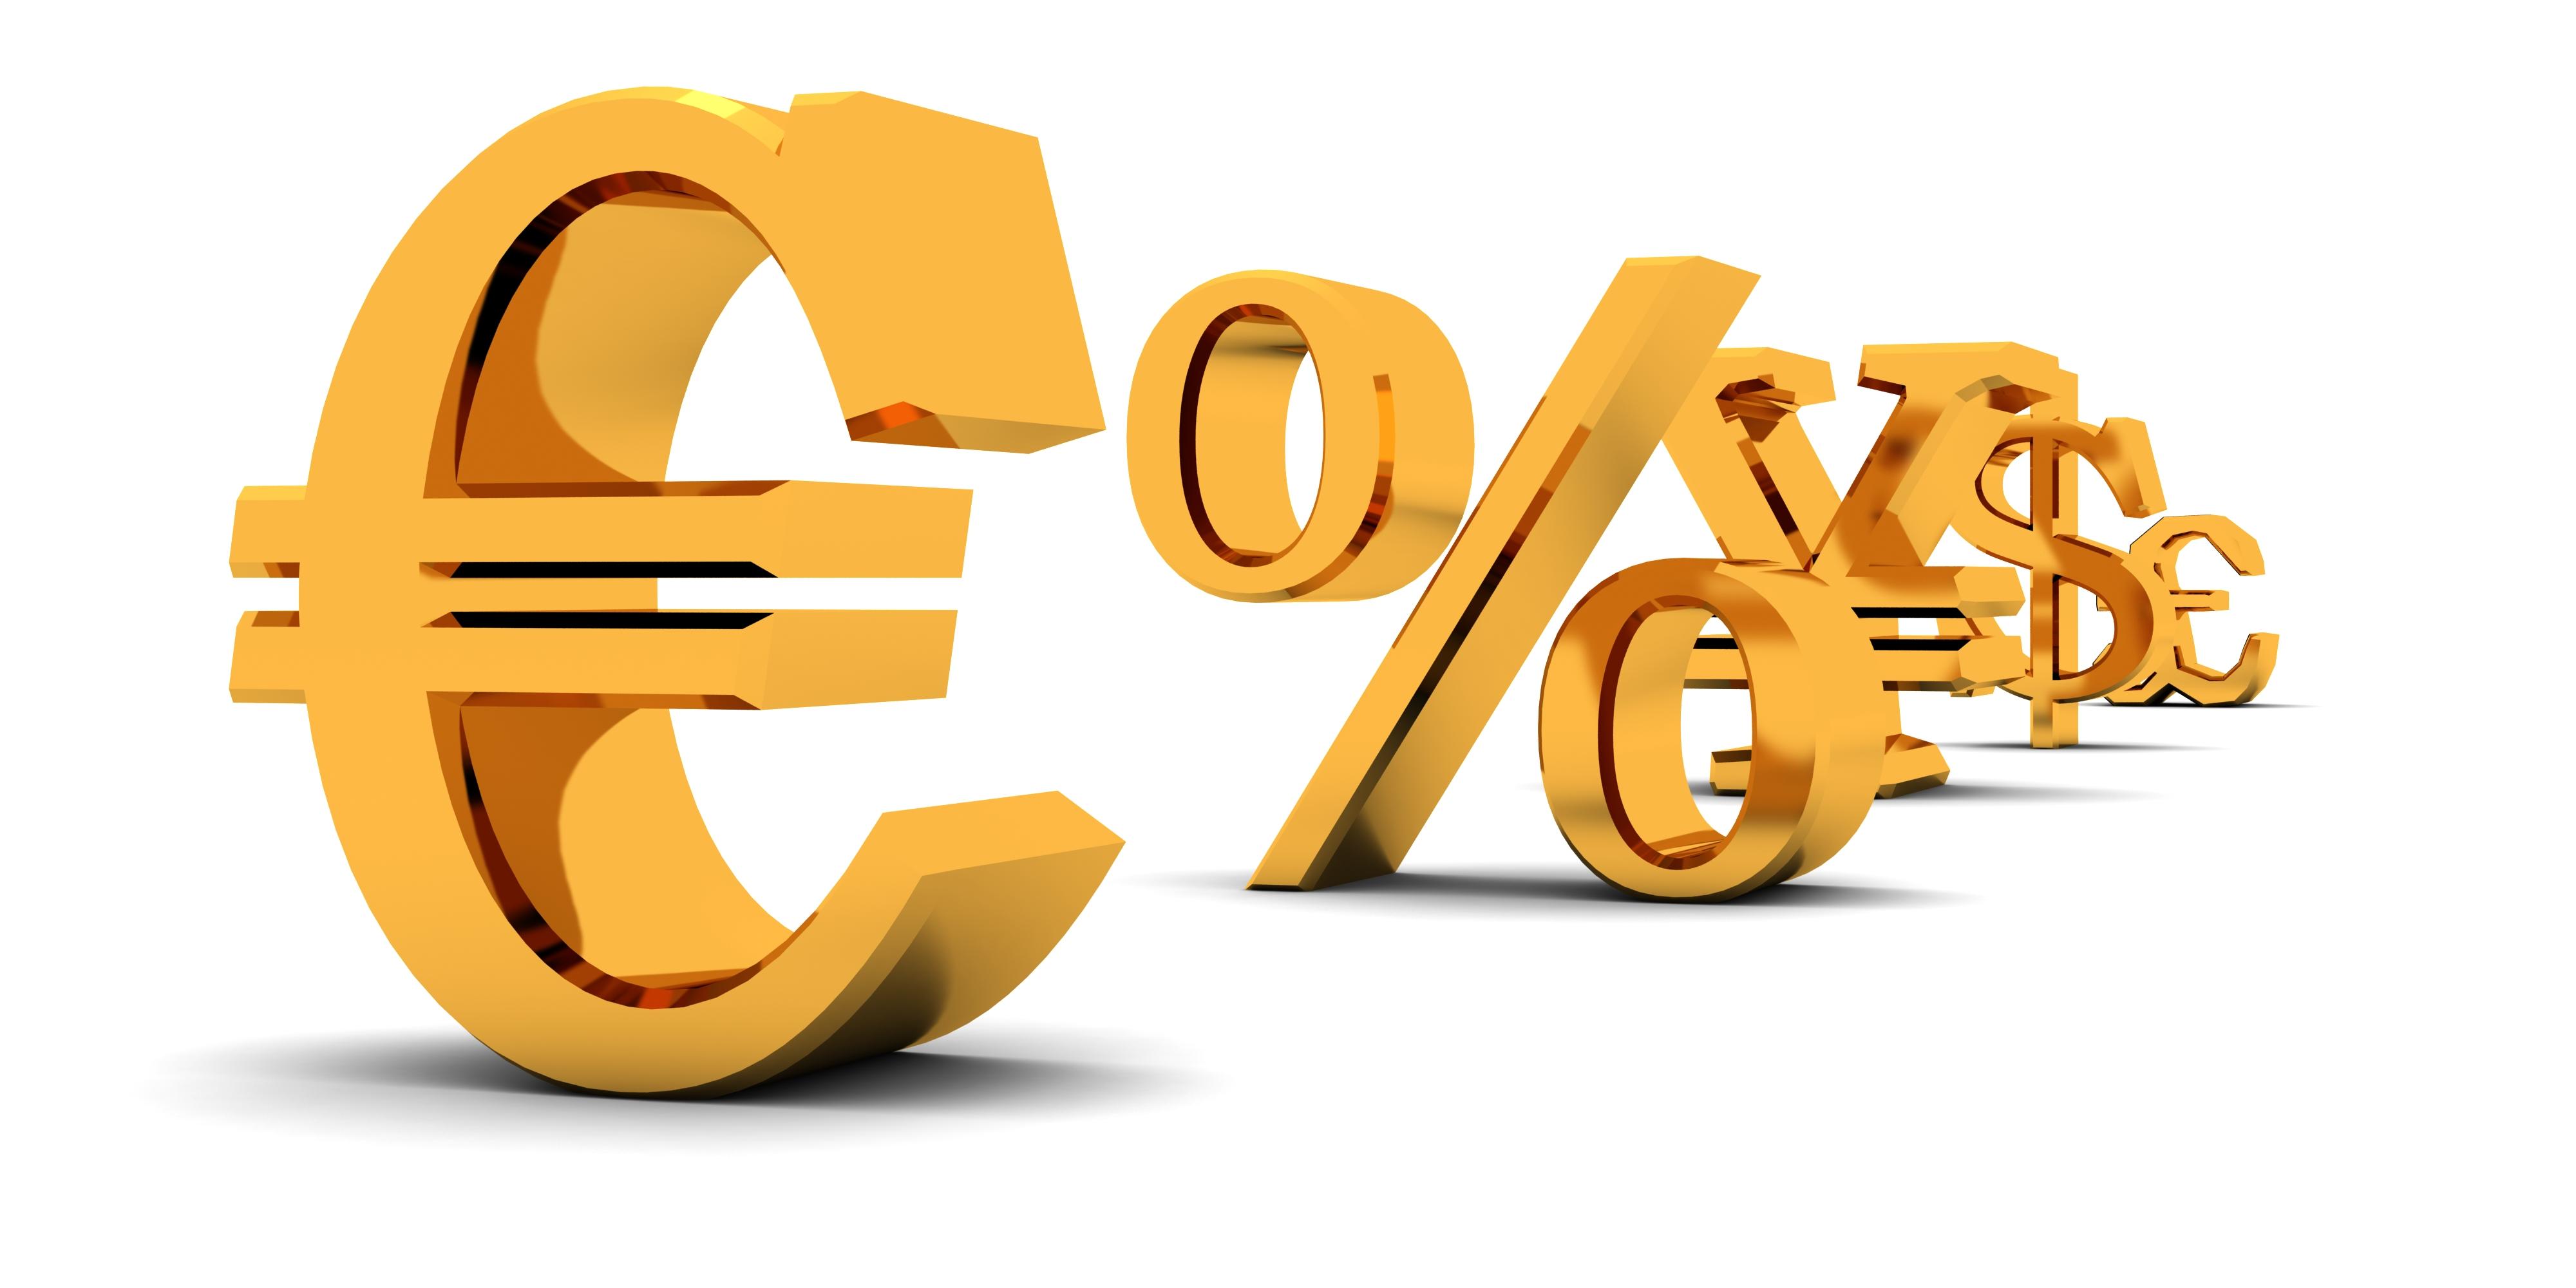 La Ue verso il taglio dei costi sulle carte di credito e debito